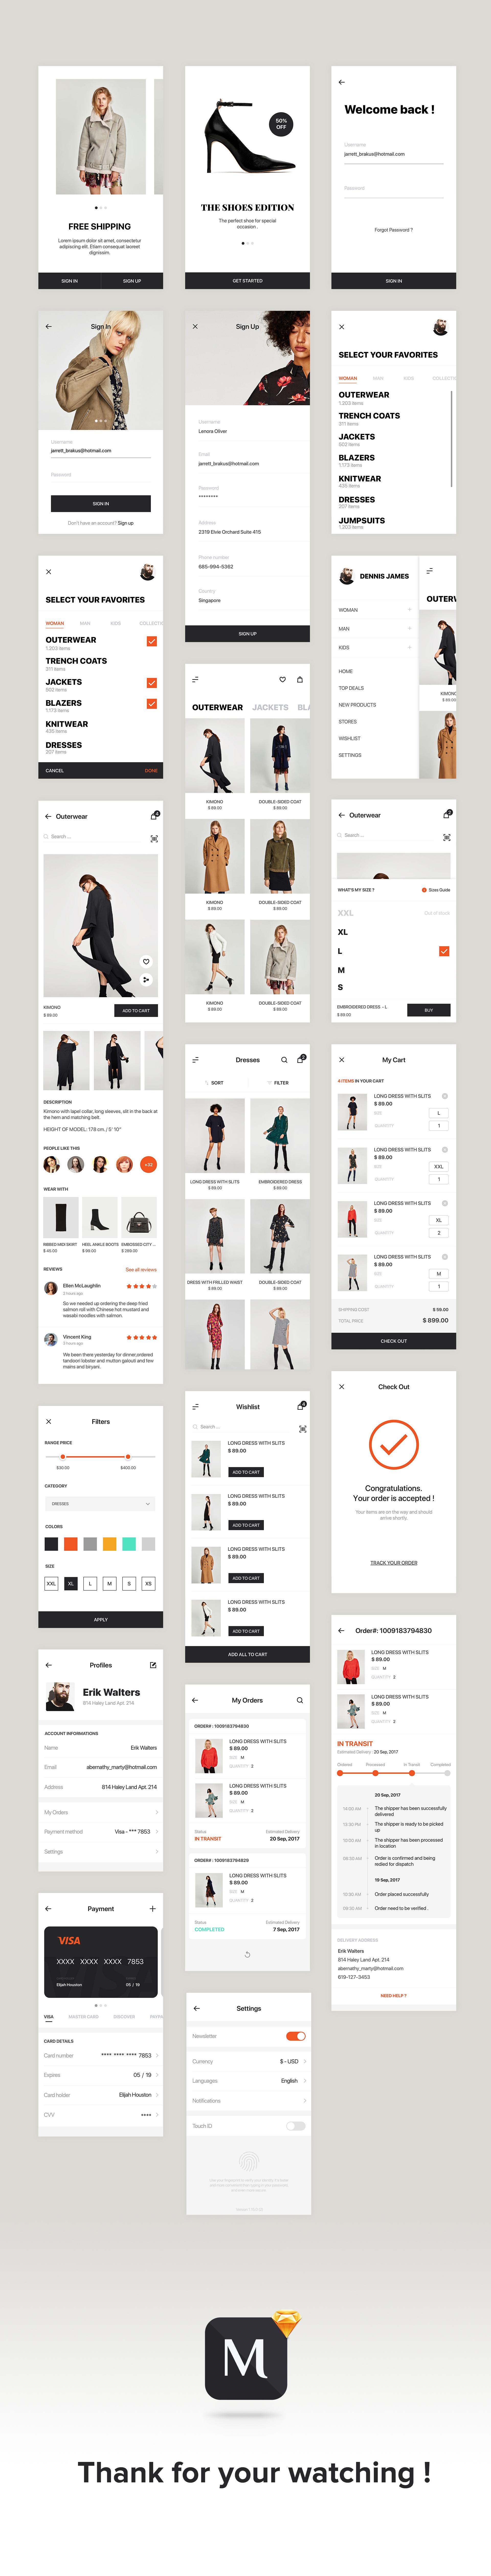 eShop Mobile UI Kit - 2